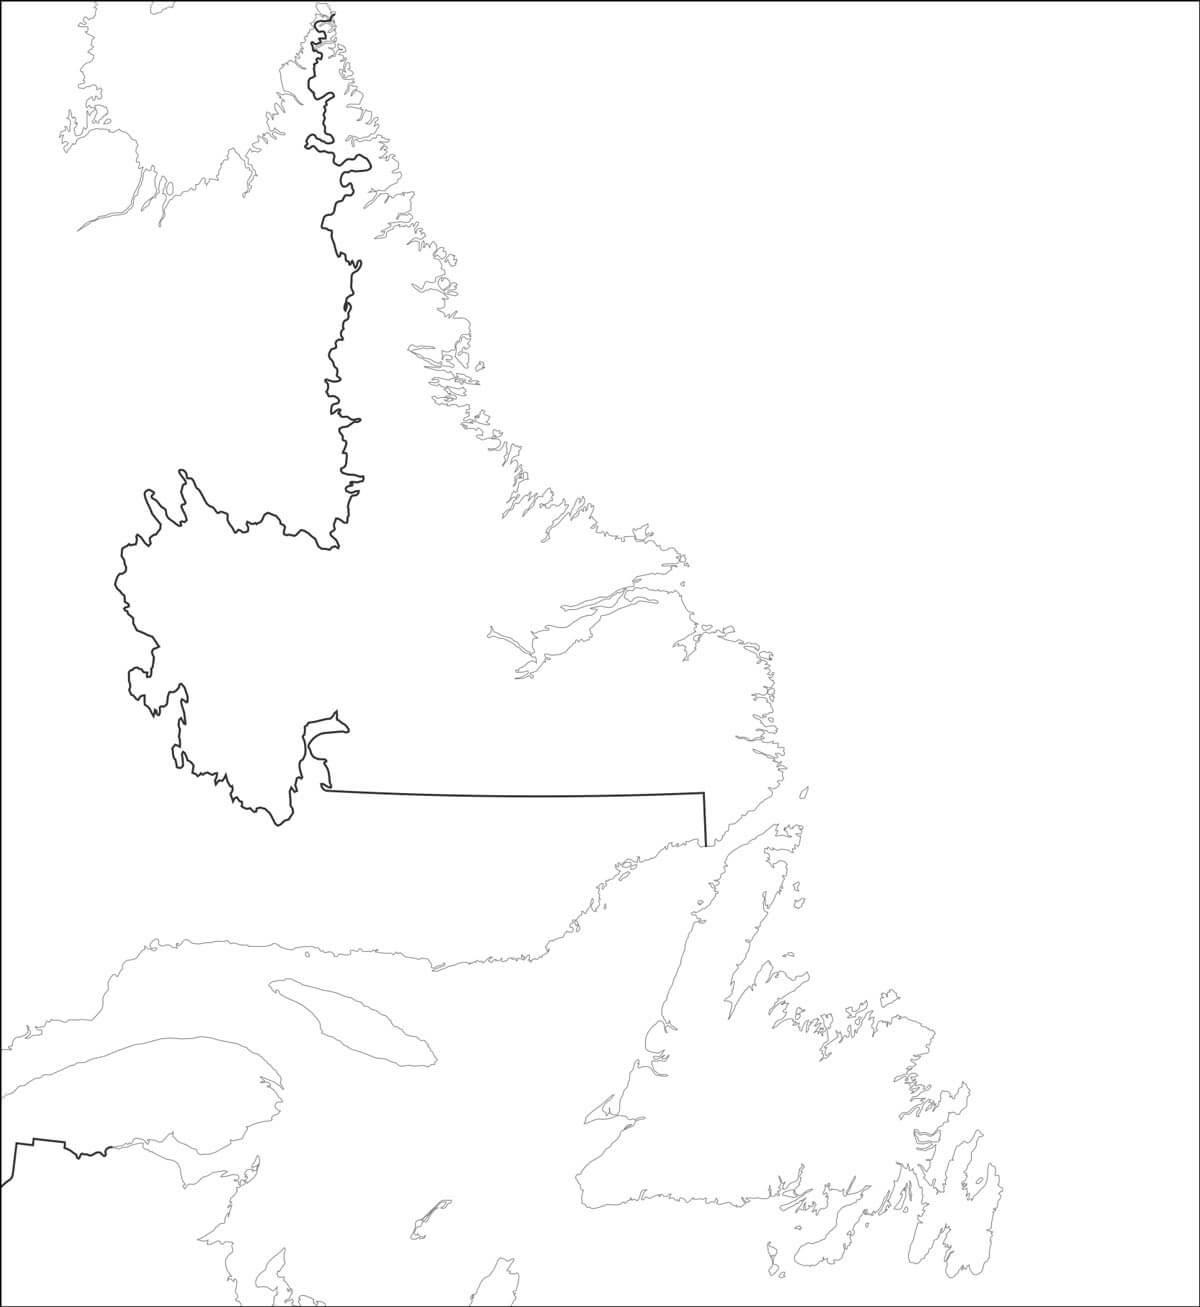 Carte De Terre Neuve Et Labrador